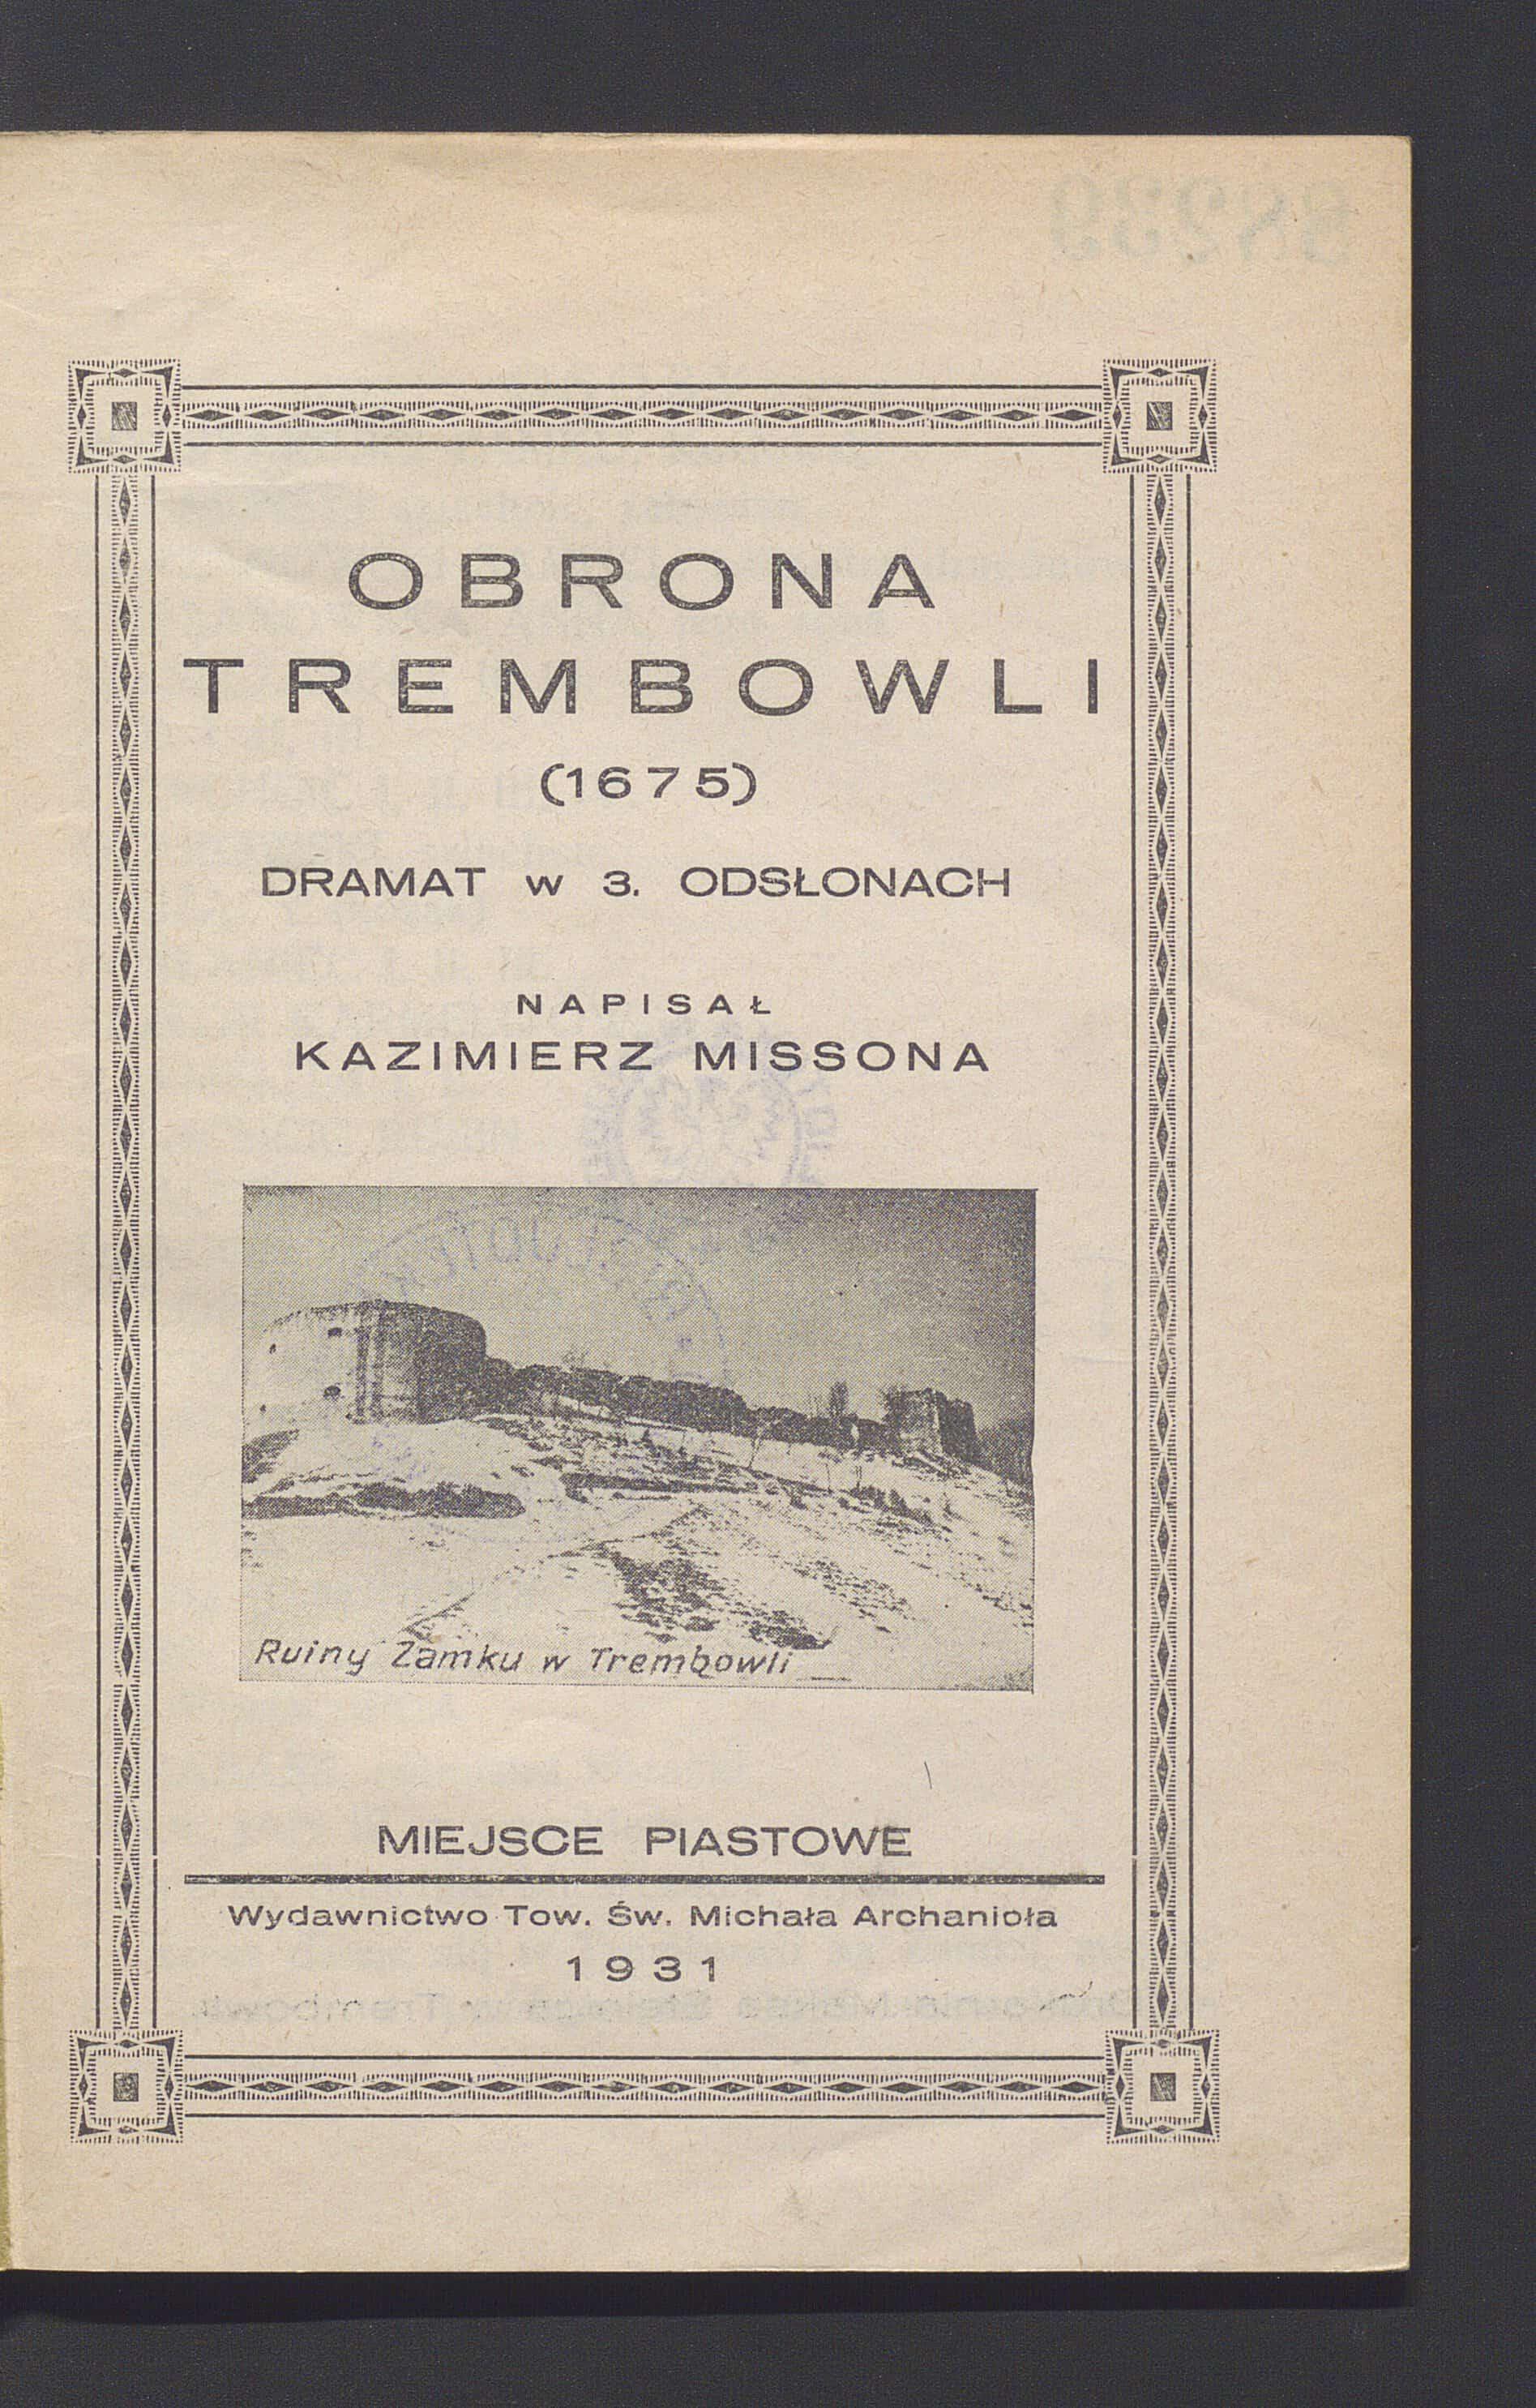 Obrona Trembowli (1675): dramat w 3 odsłonach. Źródło: Polona